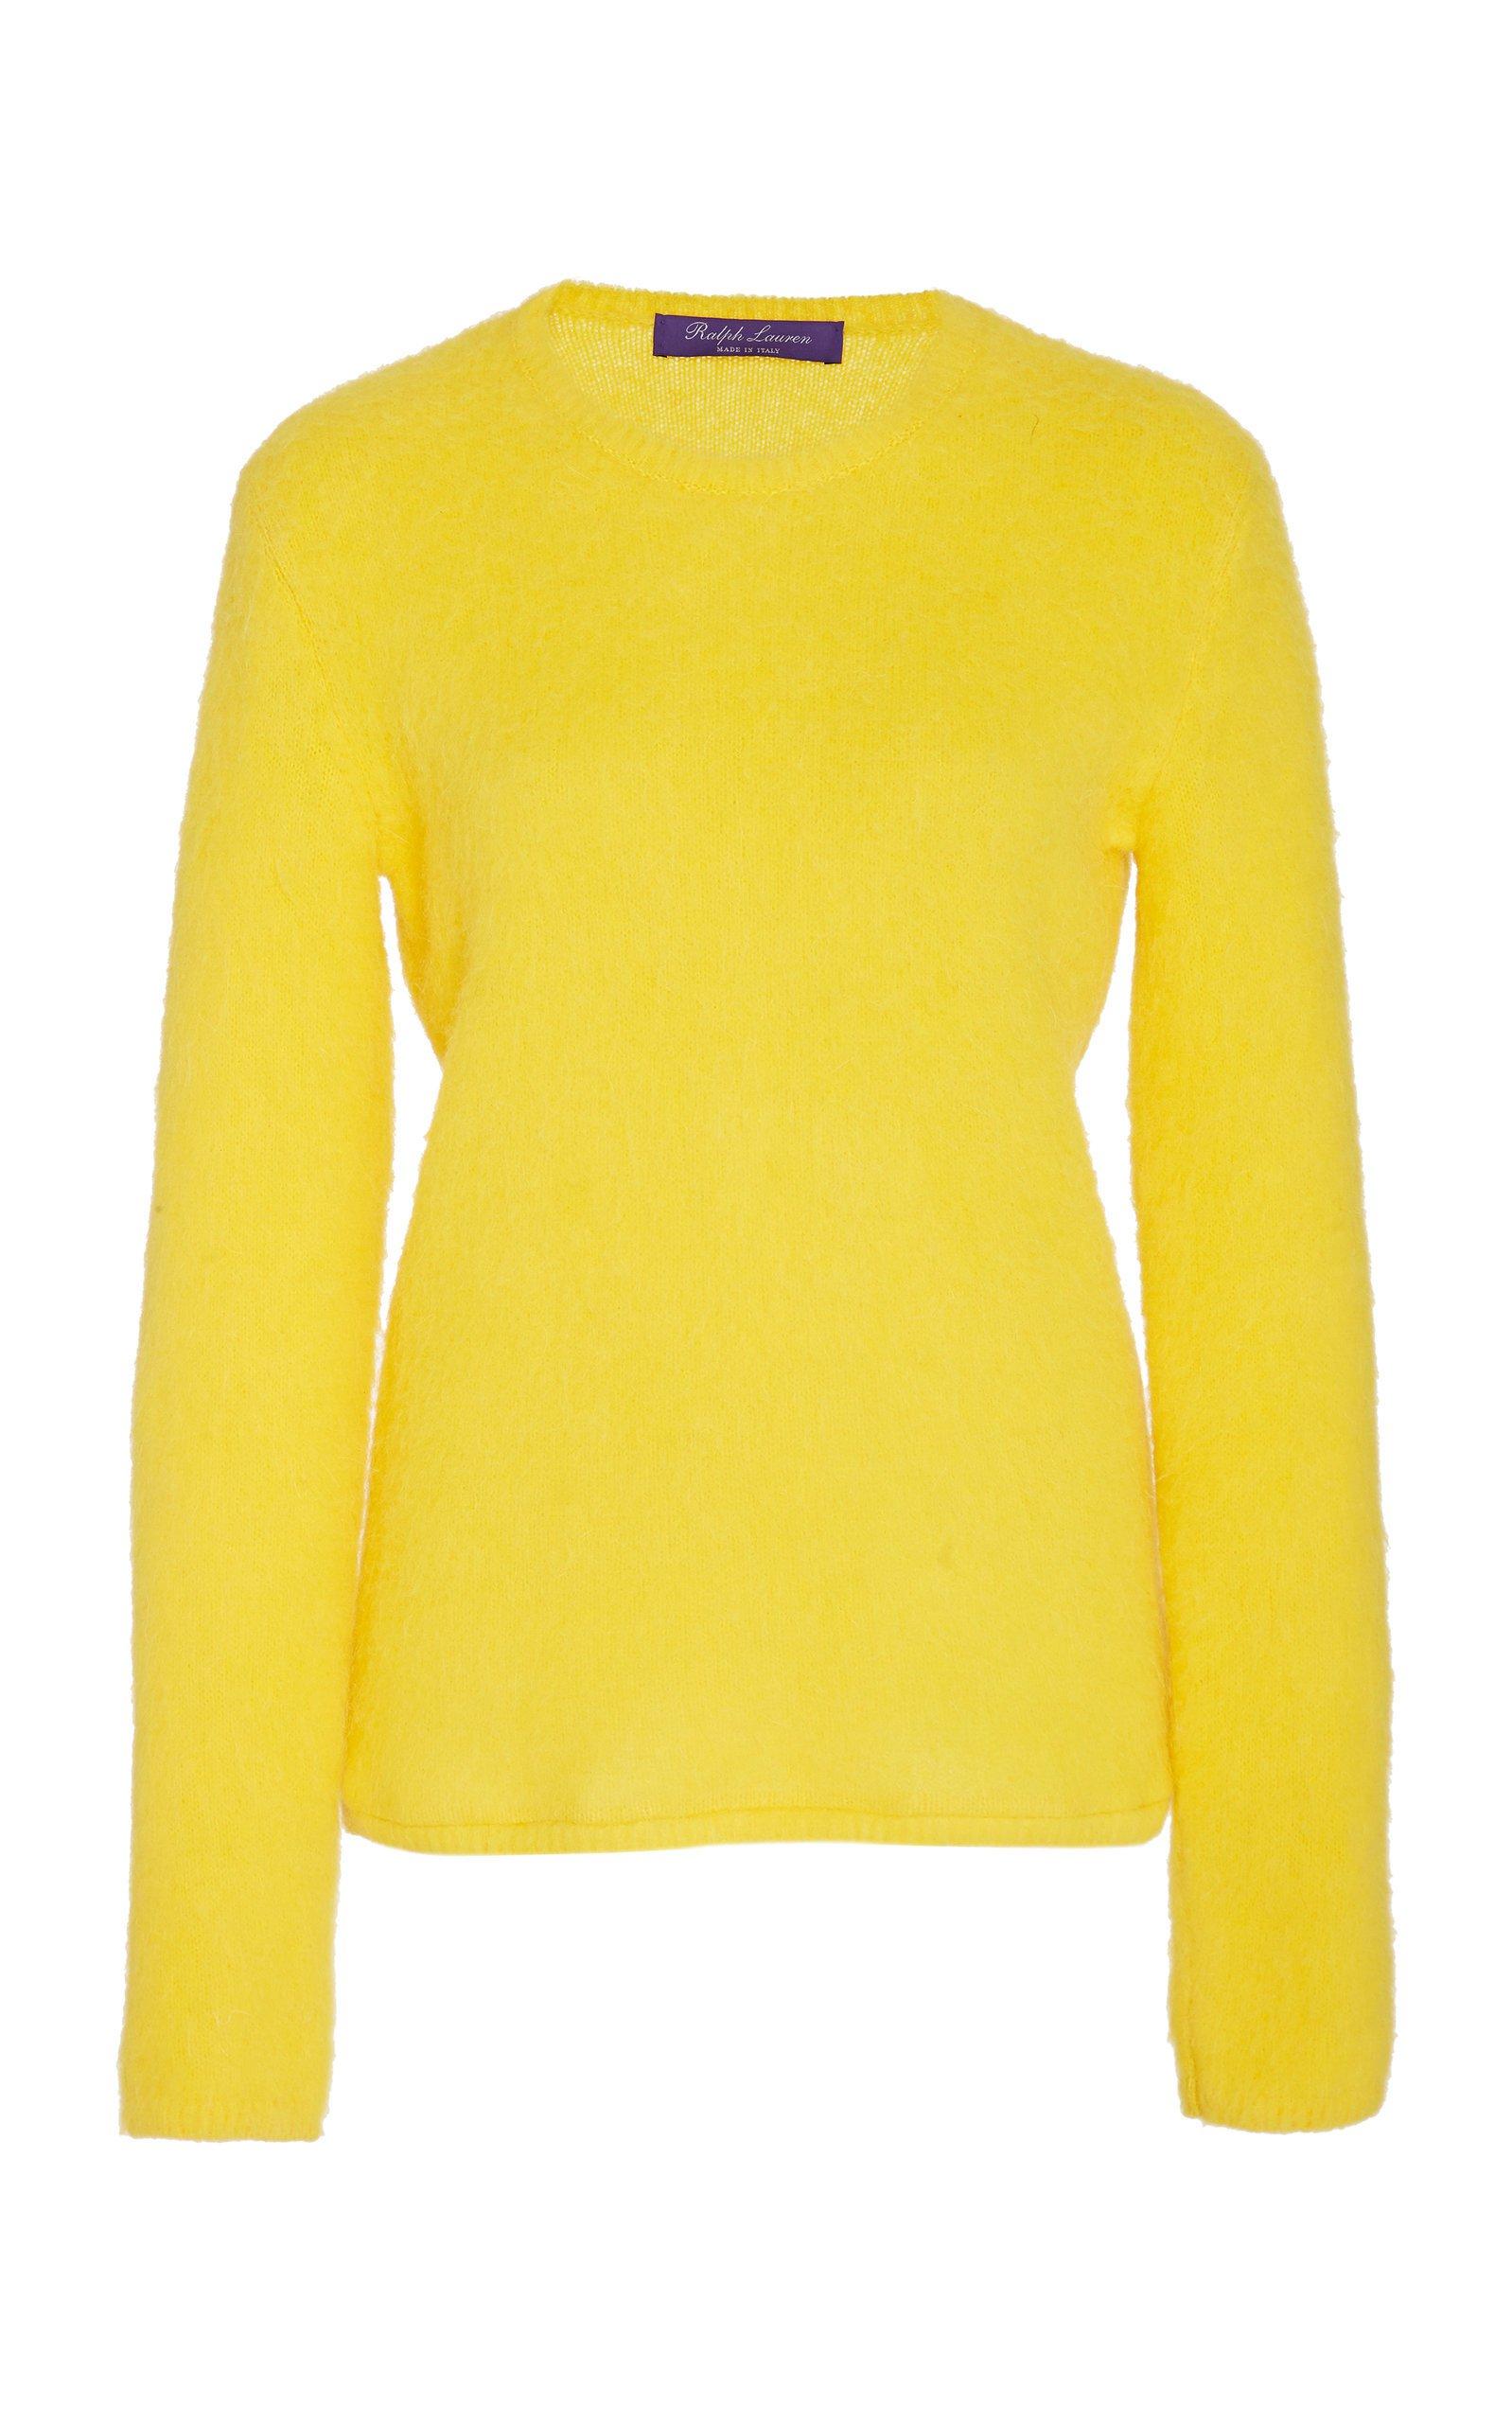 Ralph Lauren Cashmere-Blend Crewneck Sweater